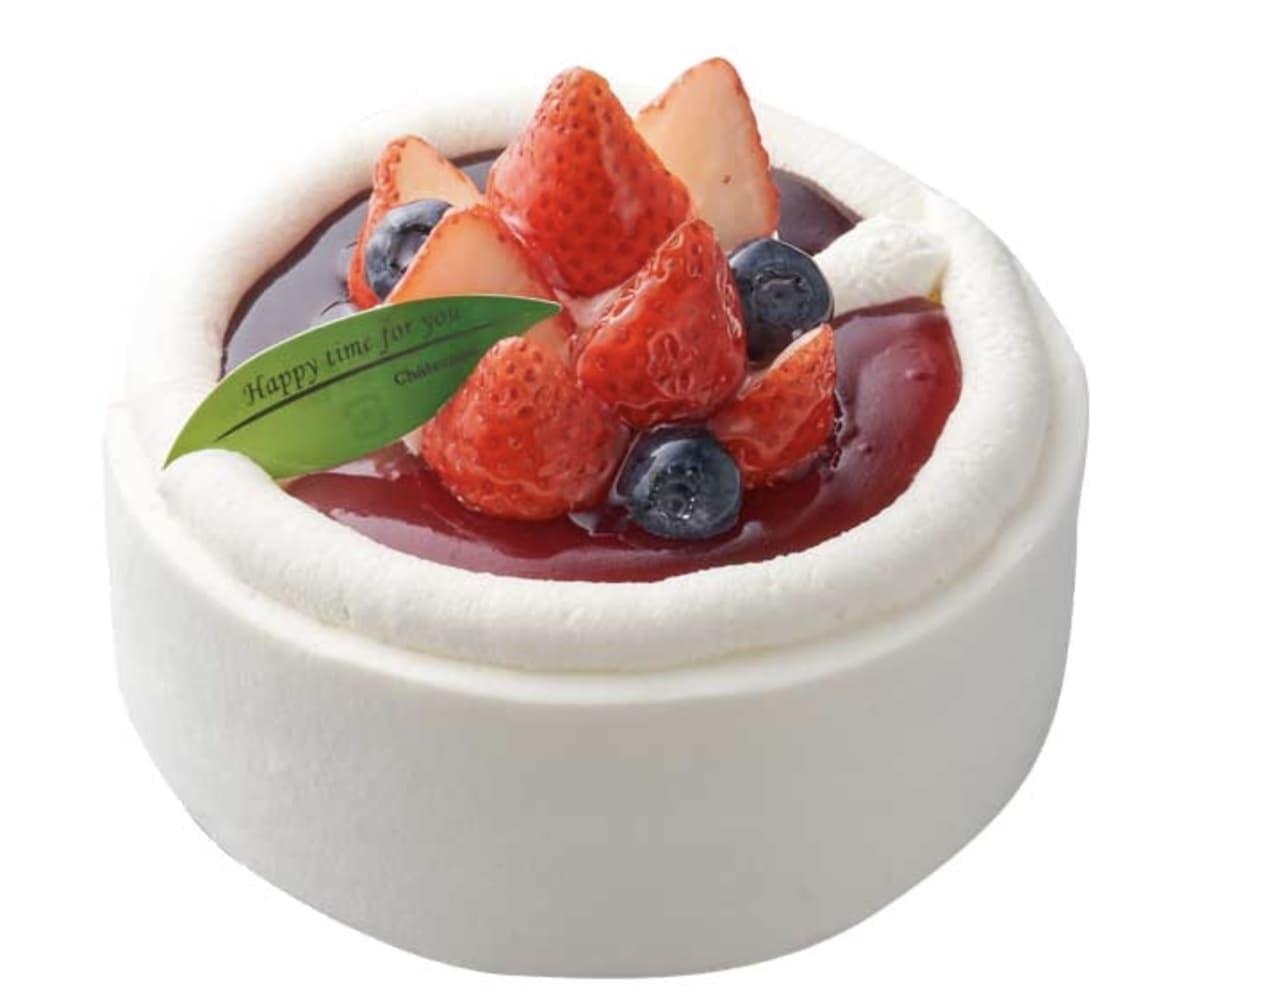 シャトレーゼ「苺とブルーベリーのスフレチーズデコレーション」